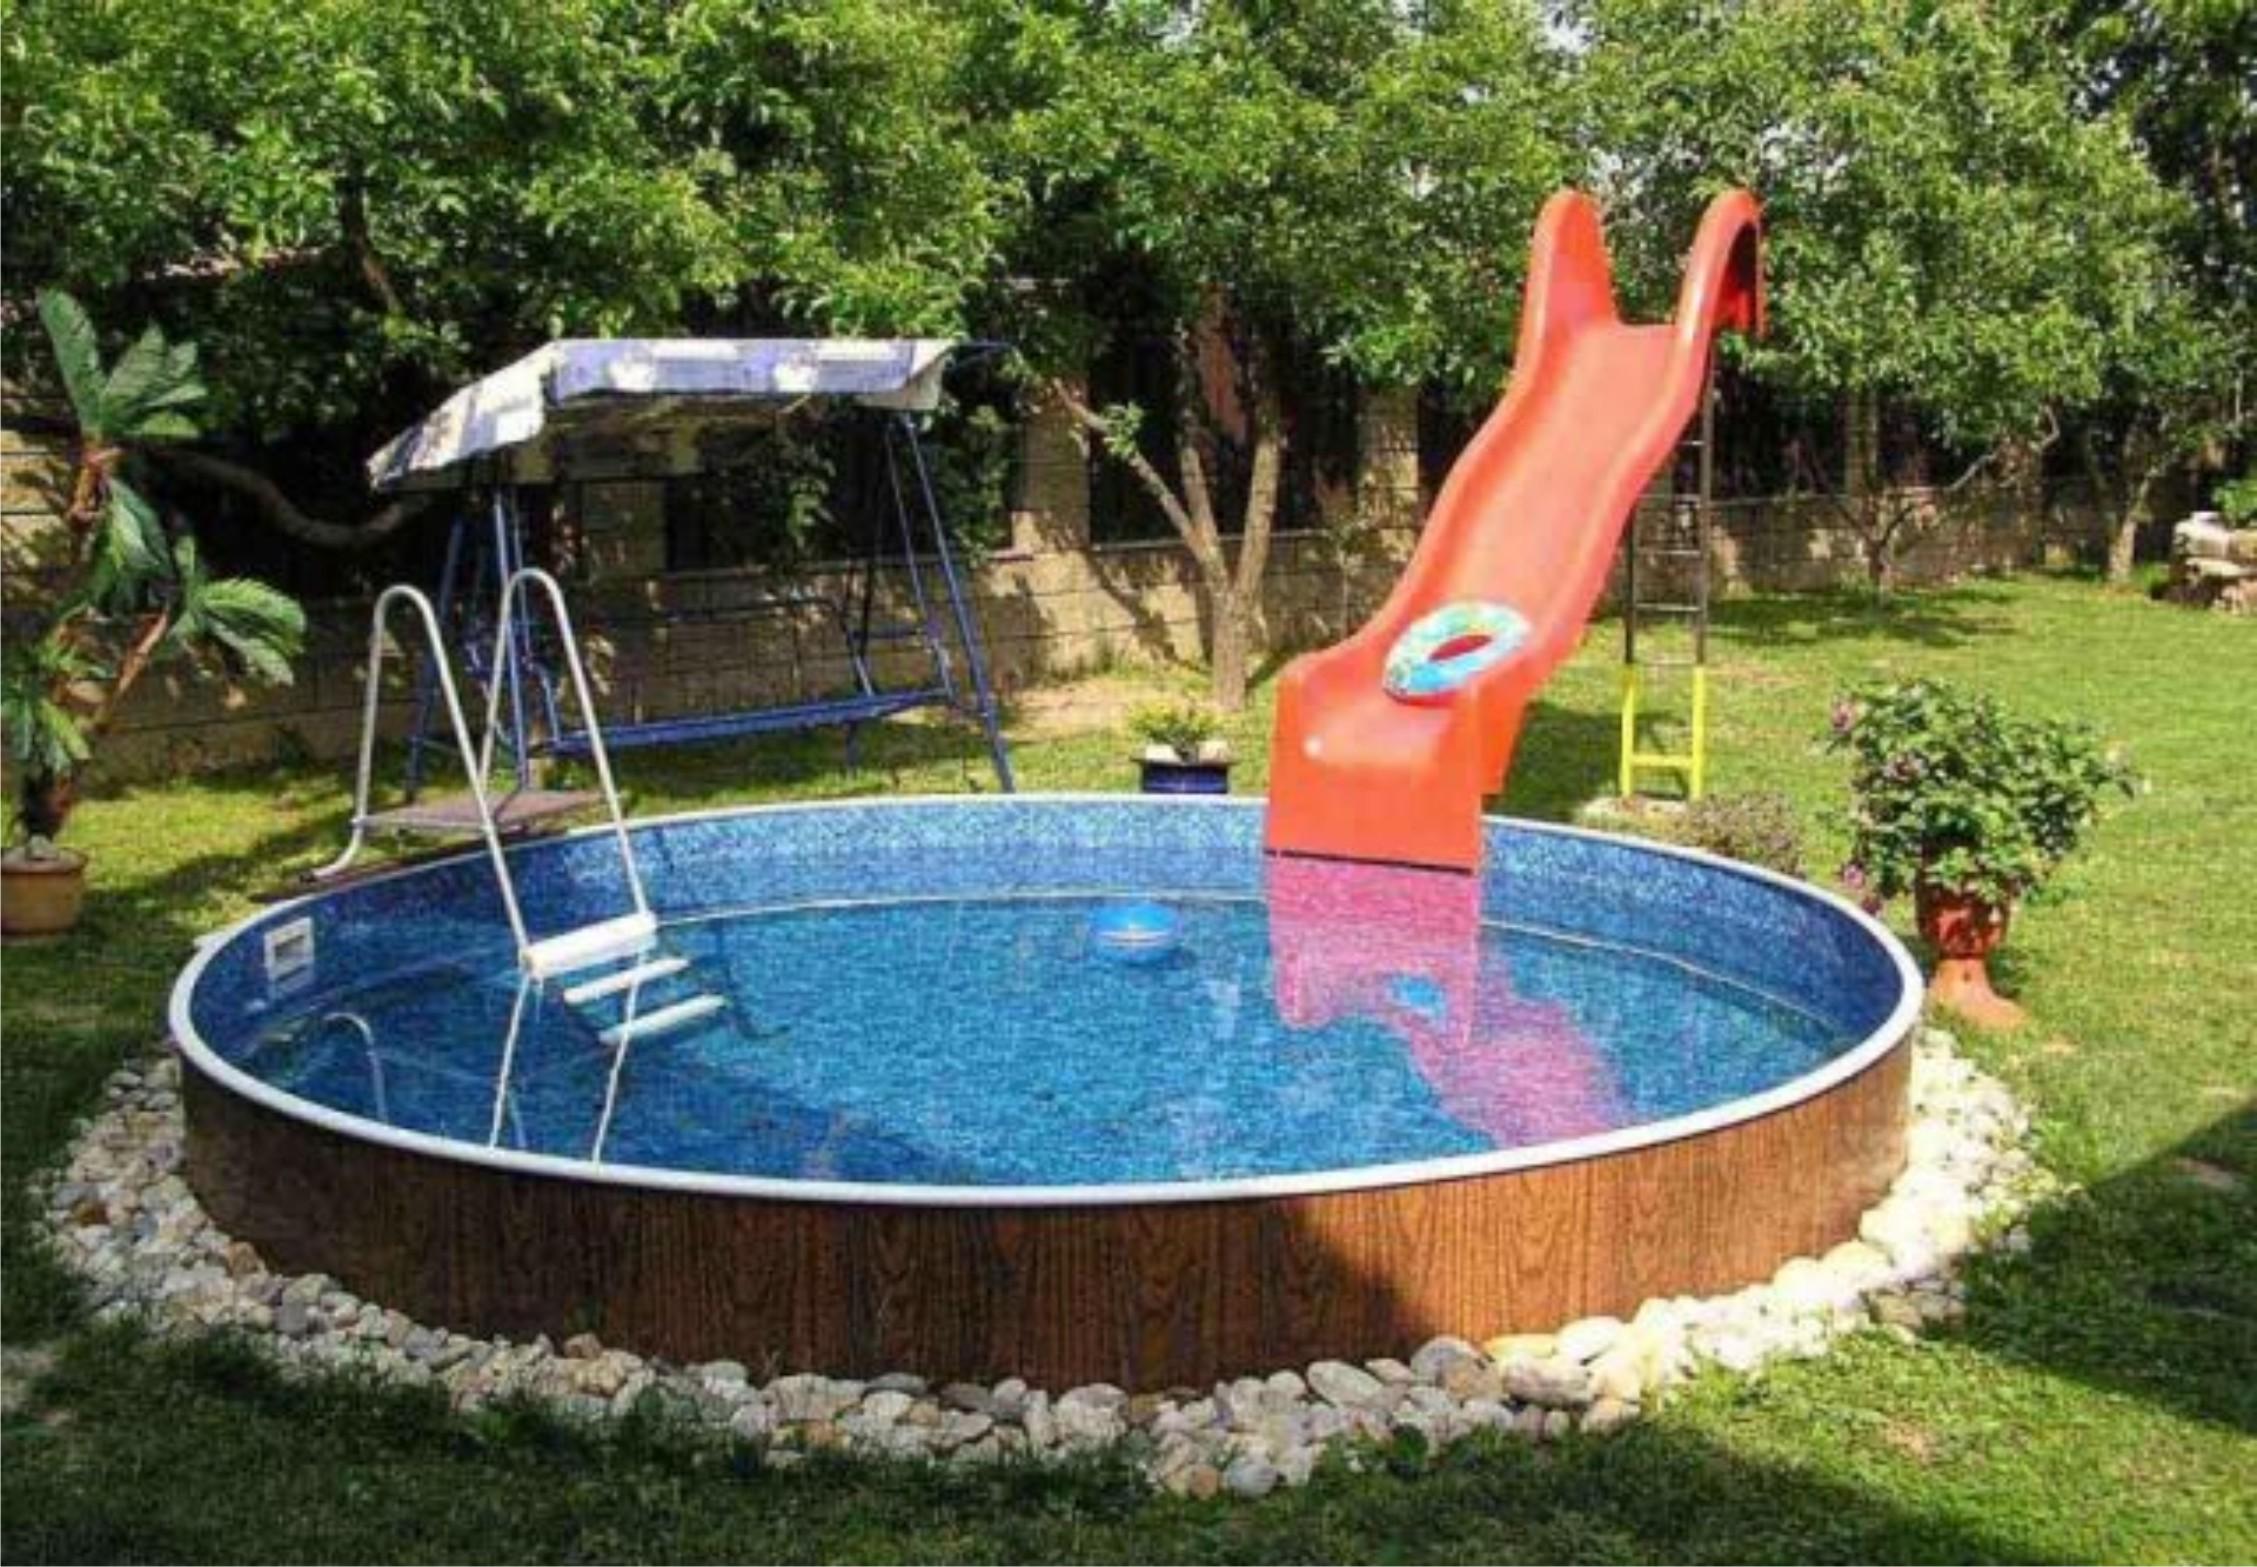 Каркасный бассейн своими руками на даче: видео, как построить